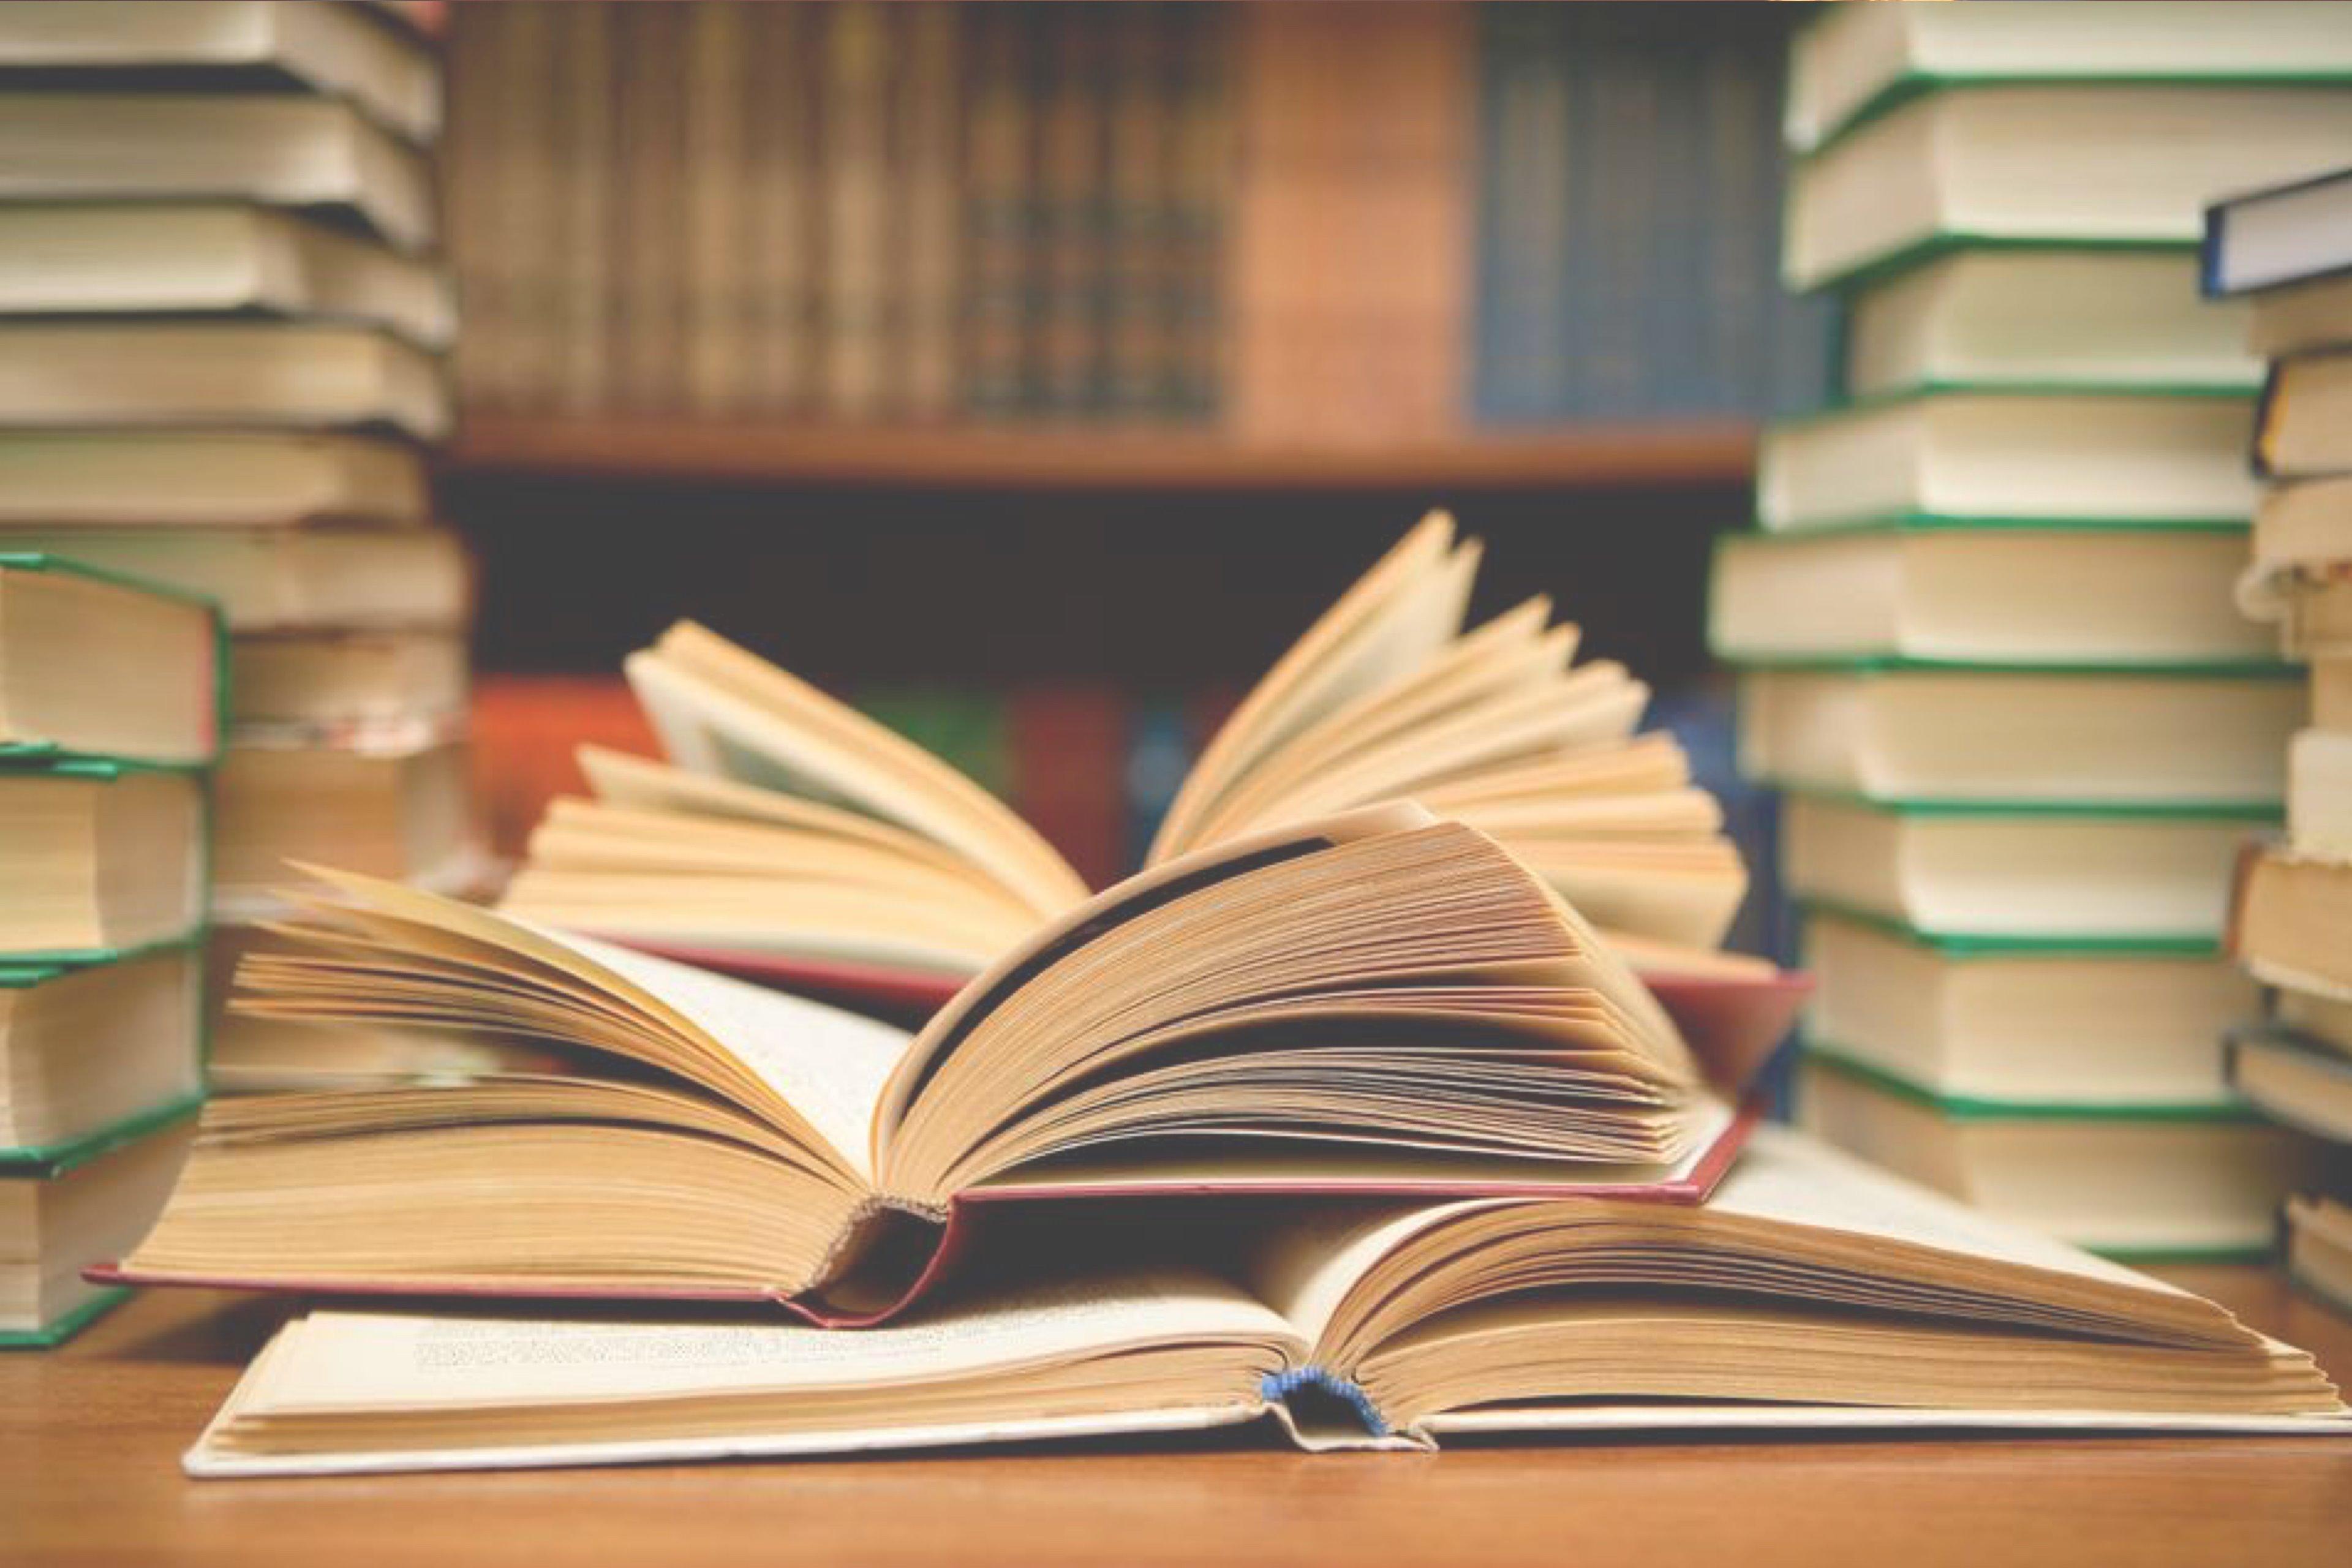 Site Müdürlerinin/Yöneticilerinin Hukuki ve İdari Eğitimi